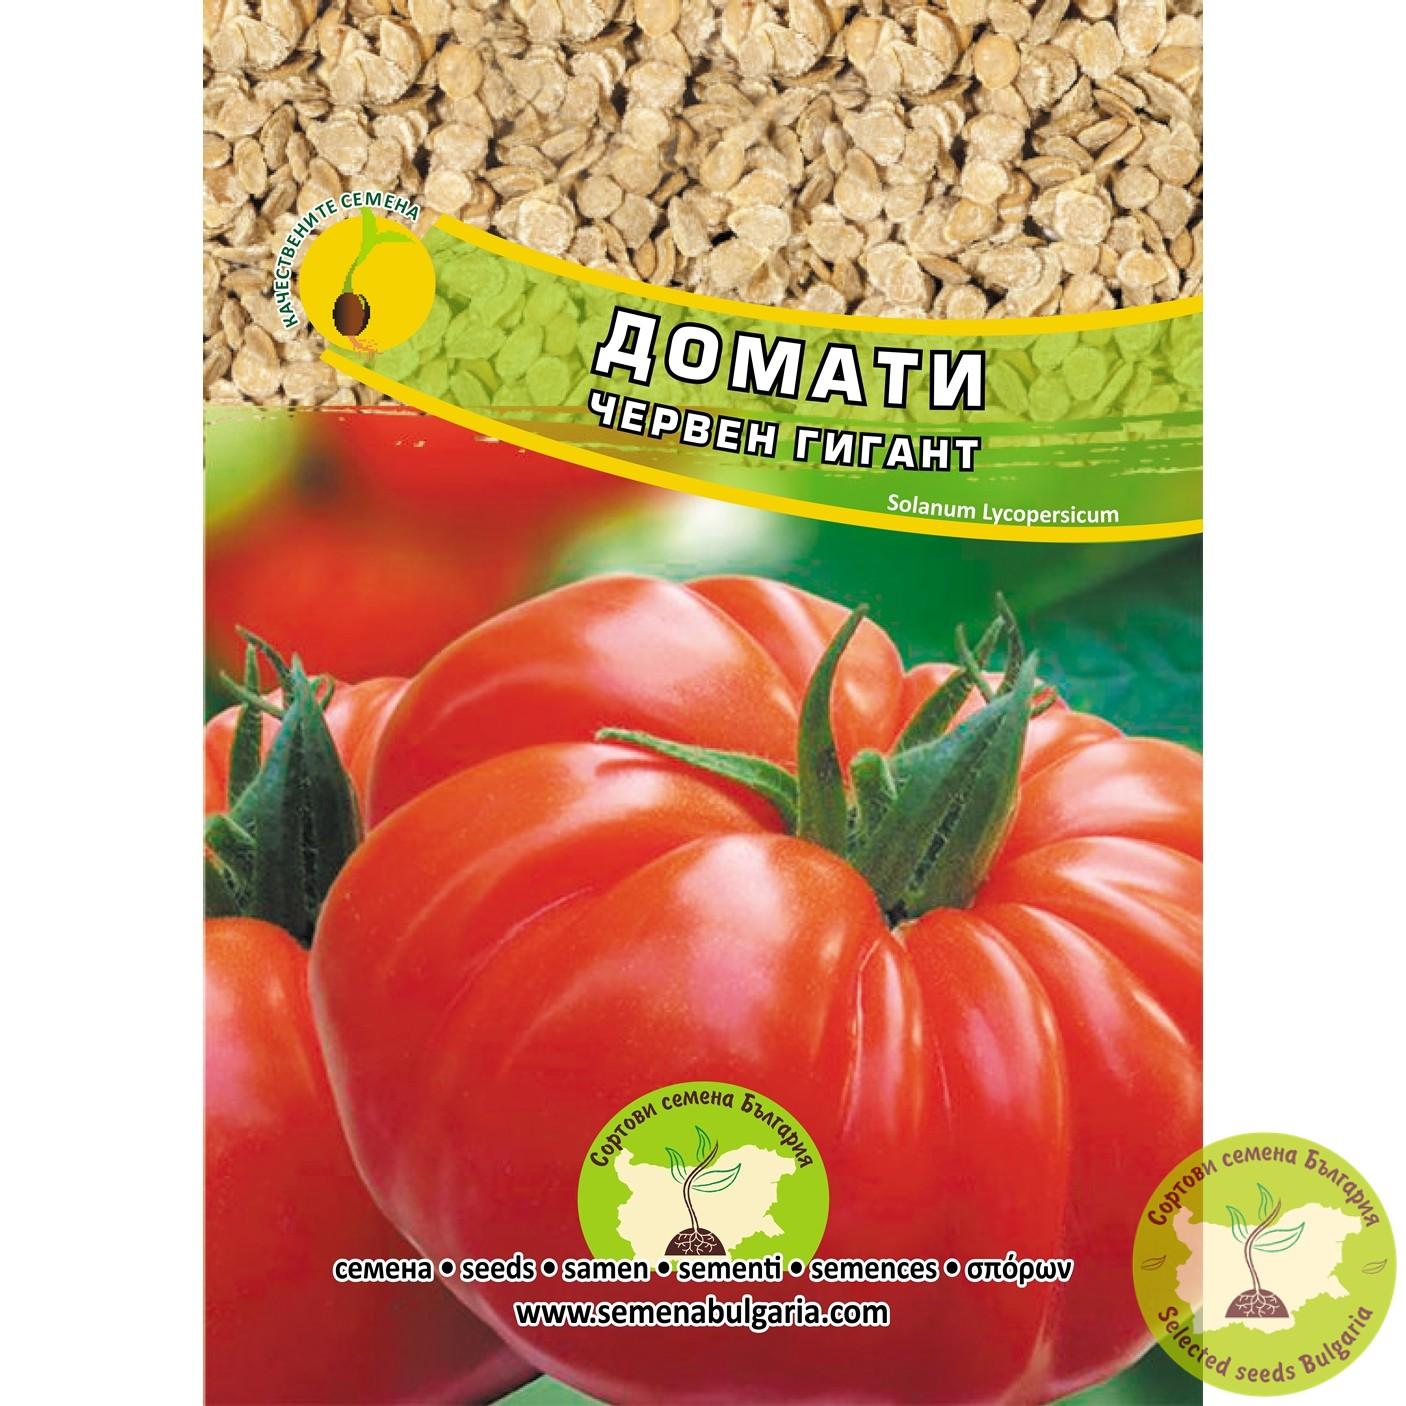 Семена домати Червен гигант